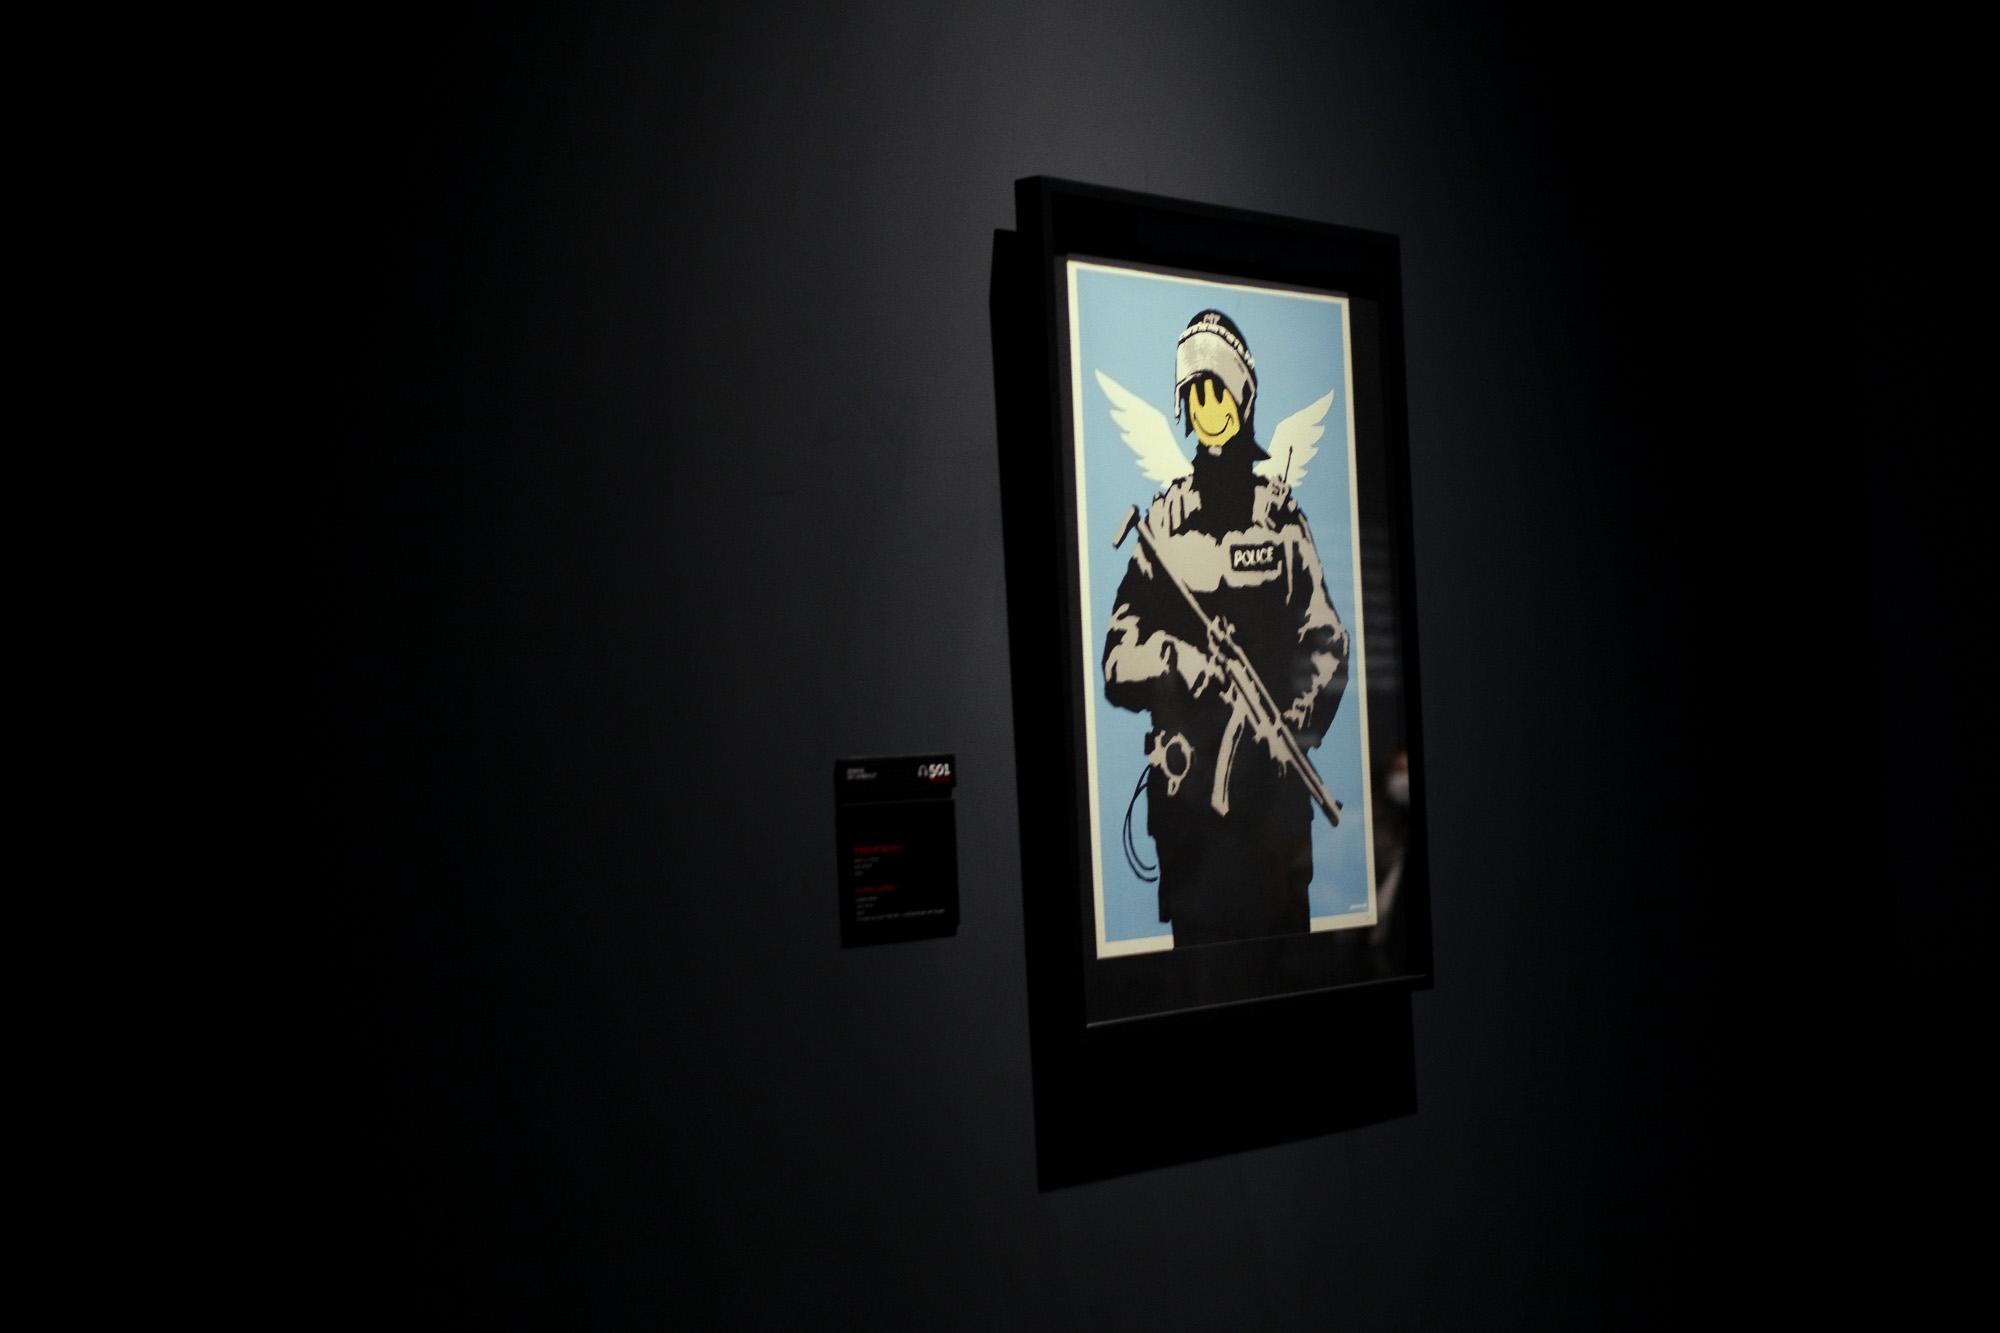 バンクシー展 天才か反逆者か BANKSY 旧名古屋ボストン美術館 2021.2.3wed-5.31mon BANKSY GENIUS OR VANDAL? AN UNAUTHORIZED EXHIBITION OF ARTWORKS FROM PRIVATE COLLECTIONS BY ARTIST KNOWN AS BANKSY banksyexhibition.jp 名古屋市中区金山1-1-1 愛知 名古屋 Alto e Diritto altoediritto アルトエデリット